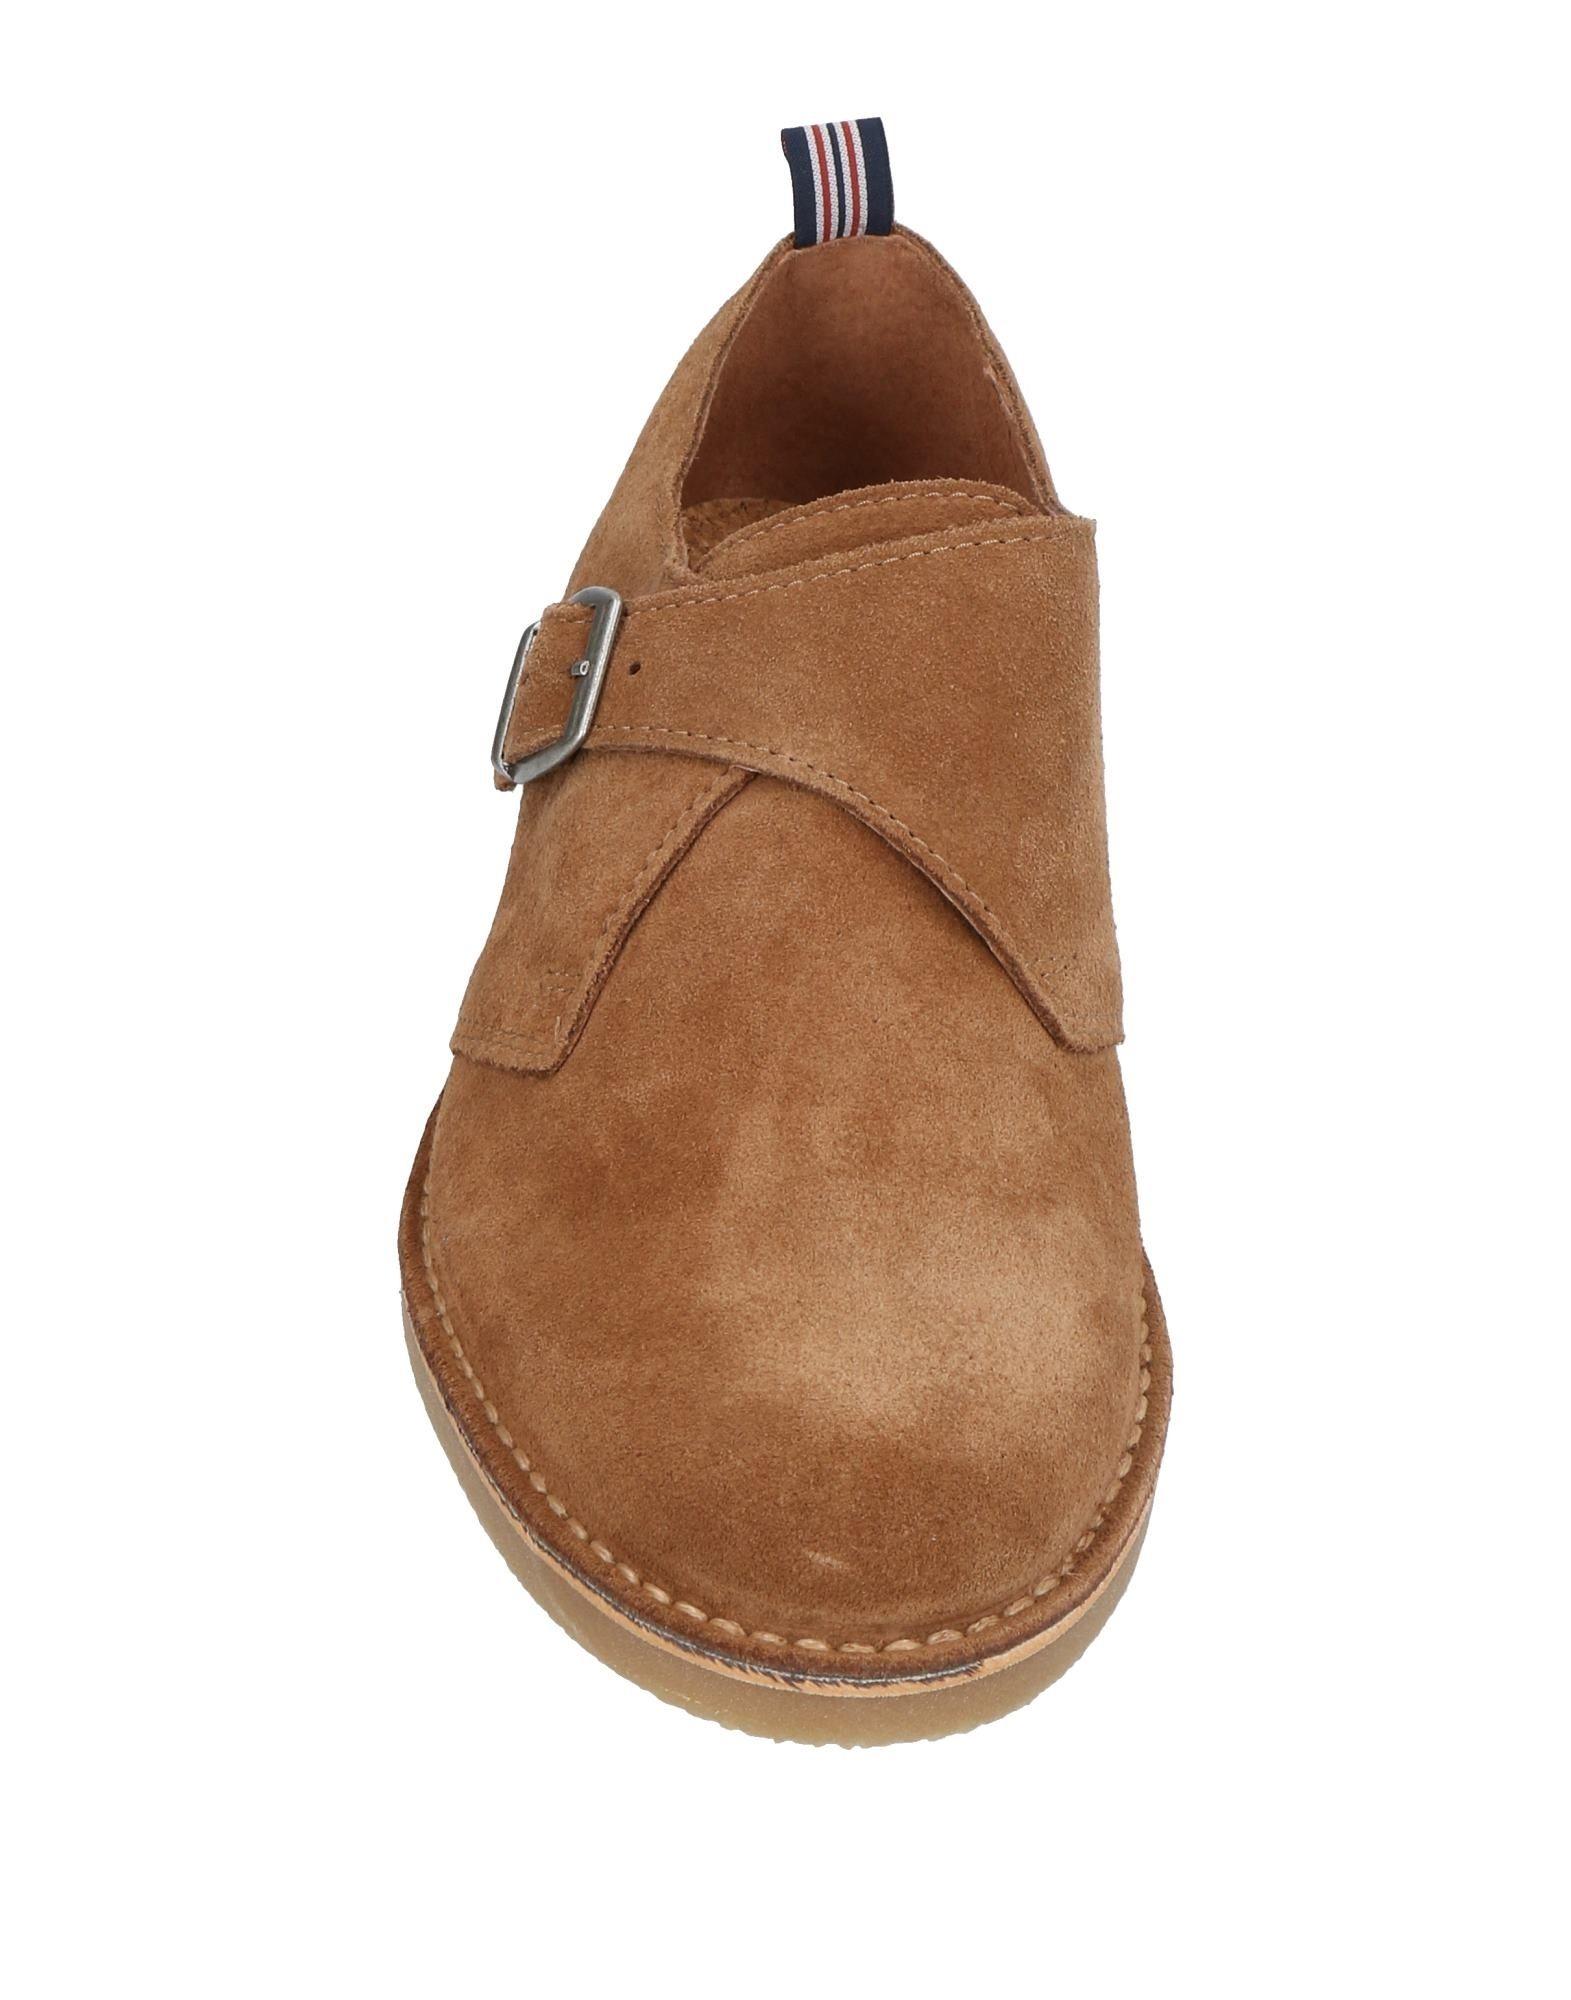 Rabatt echte 11468707LS Schuhe Selected Homme Mokassins Herren  11468707LS echte c1dcea